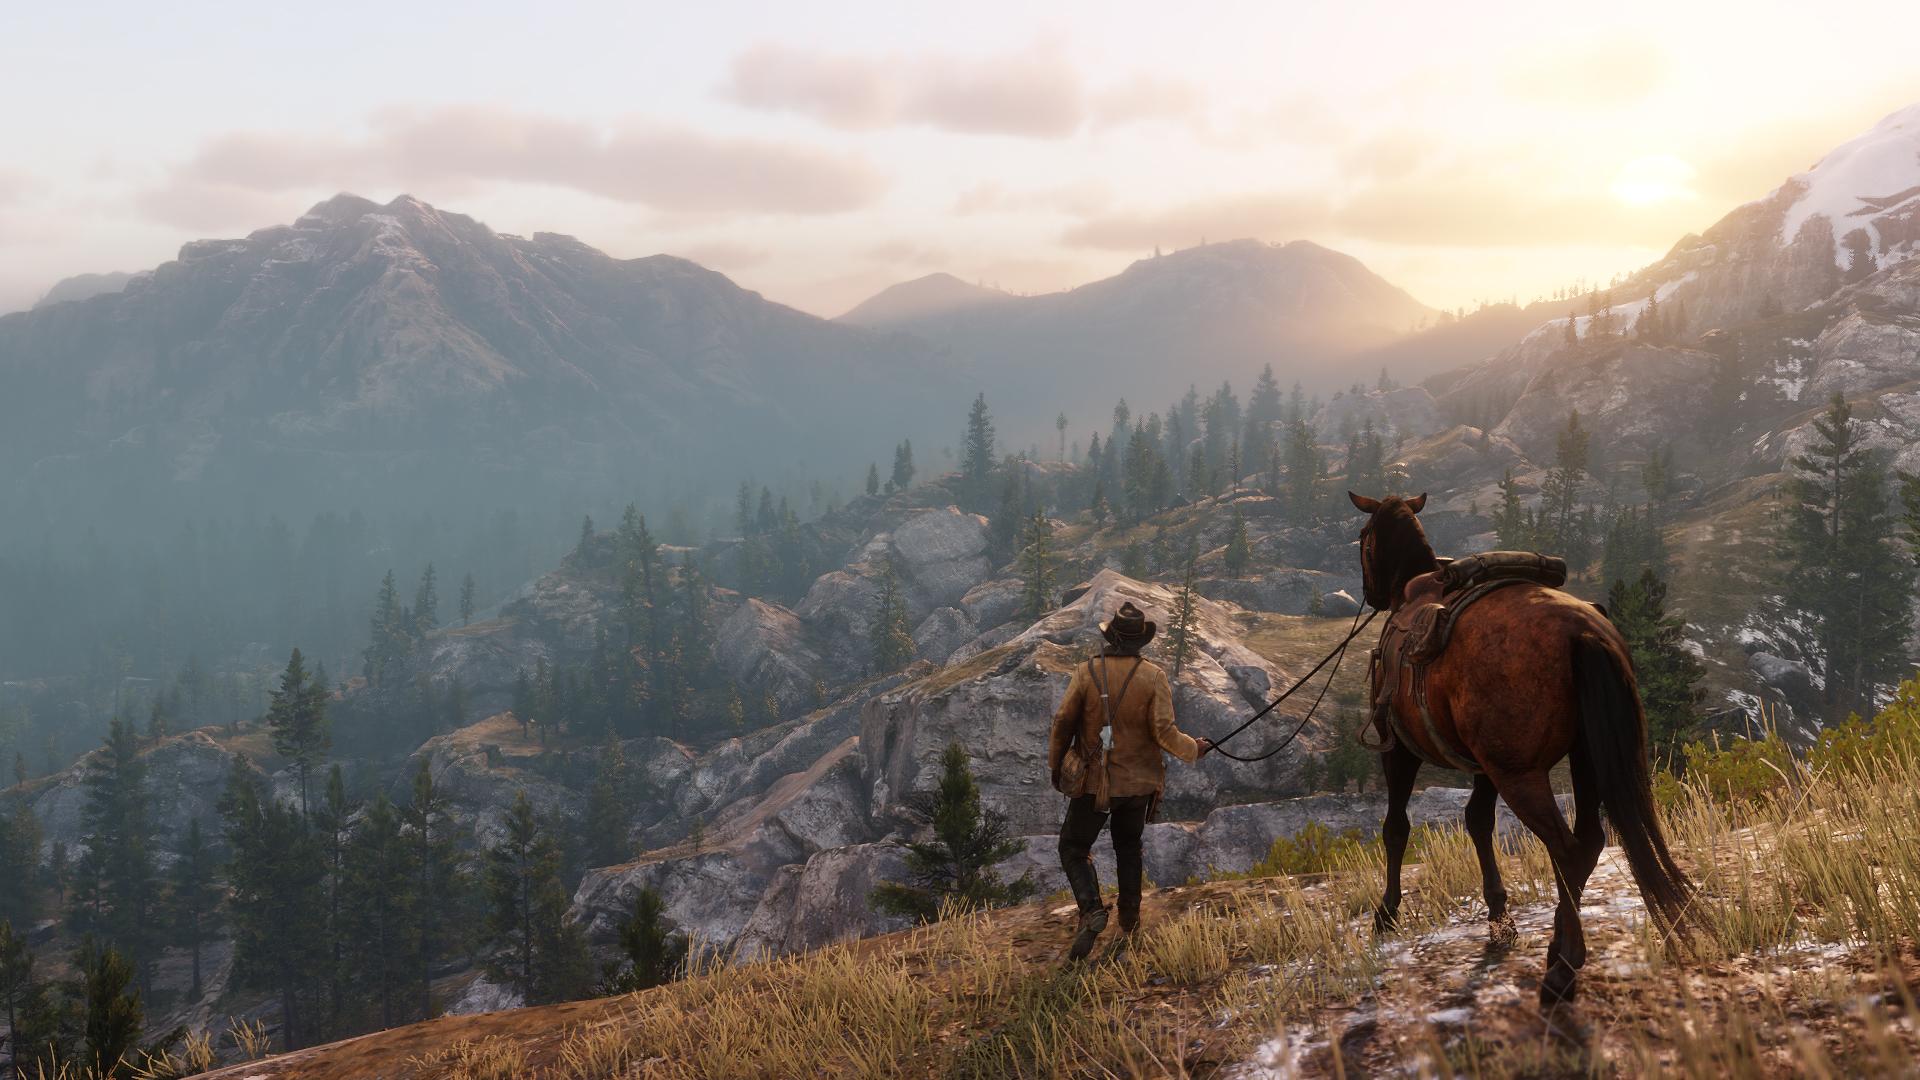 Screenshot aus Red Dead Redempion 2. Arthur Morgan führt sein Pferd bei Sonnenaufgang durch eine Berglandschaft.